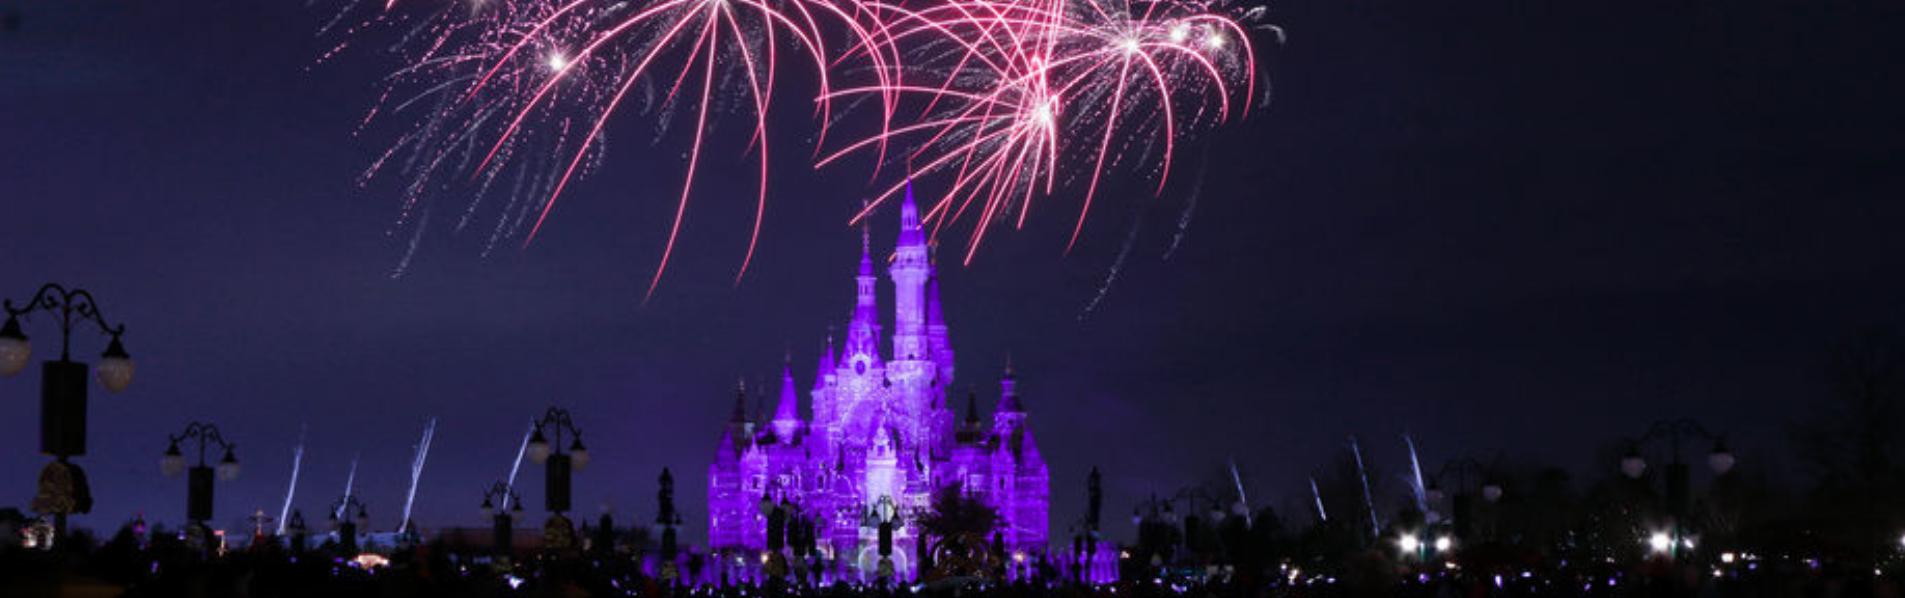 Vivez la féérie de Disneyland Paris depuis chez-vous